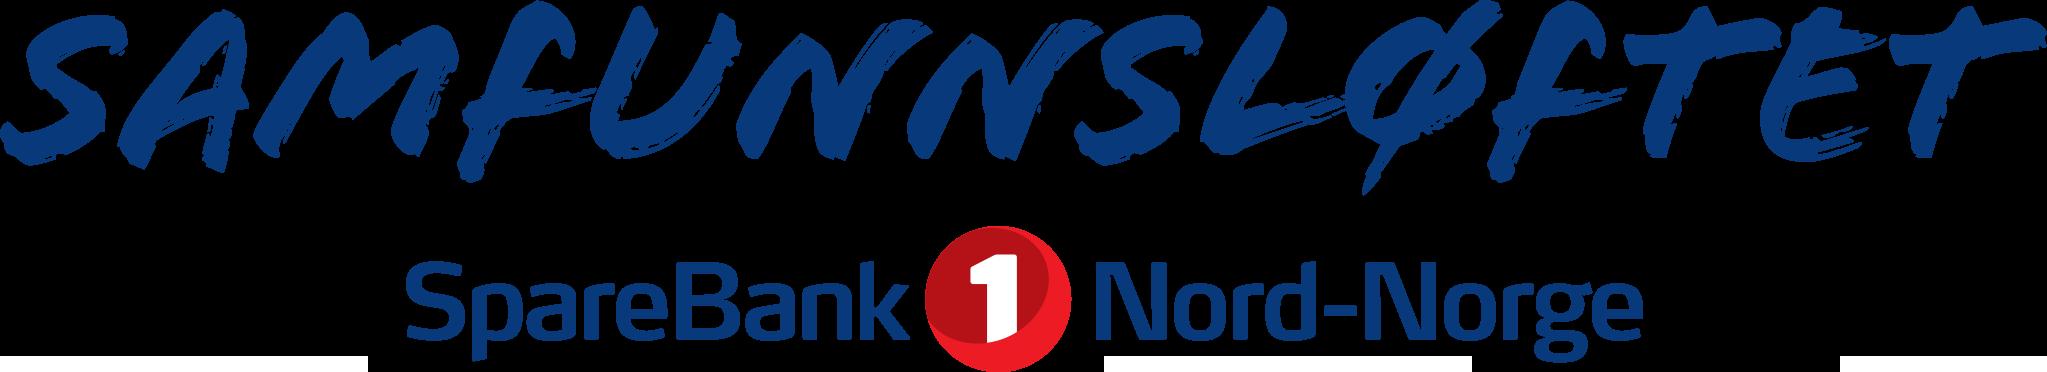 Snn samfunnsl logo farge